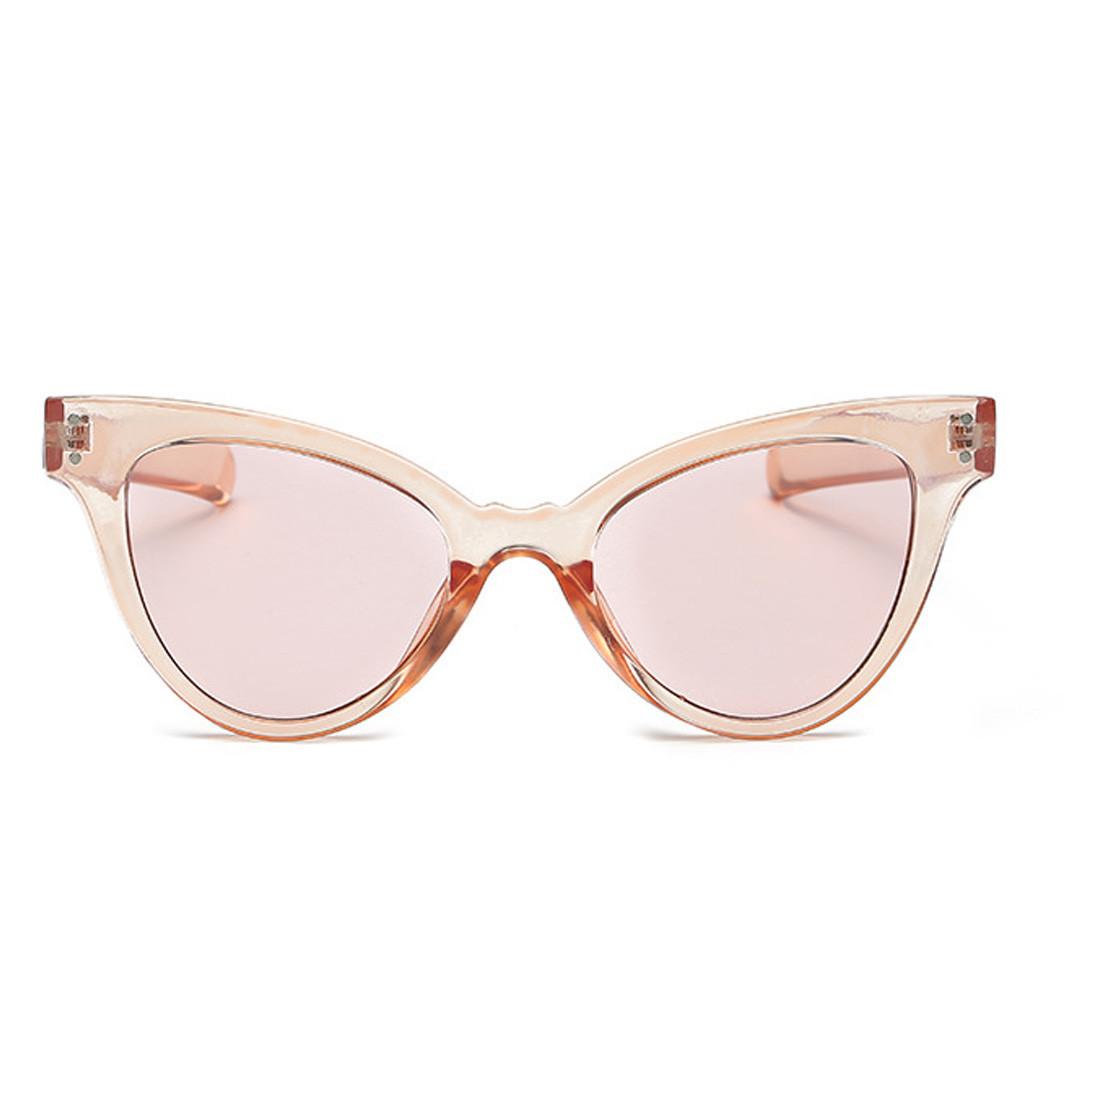 Стильные очки солнцезащитные  кошачий глаз Бежевый